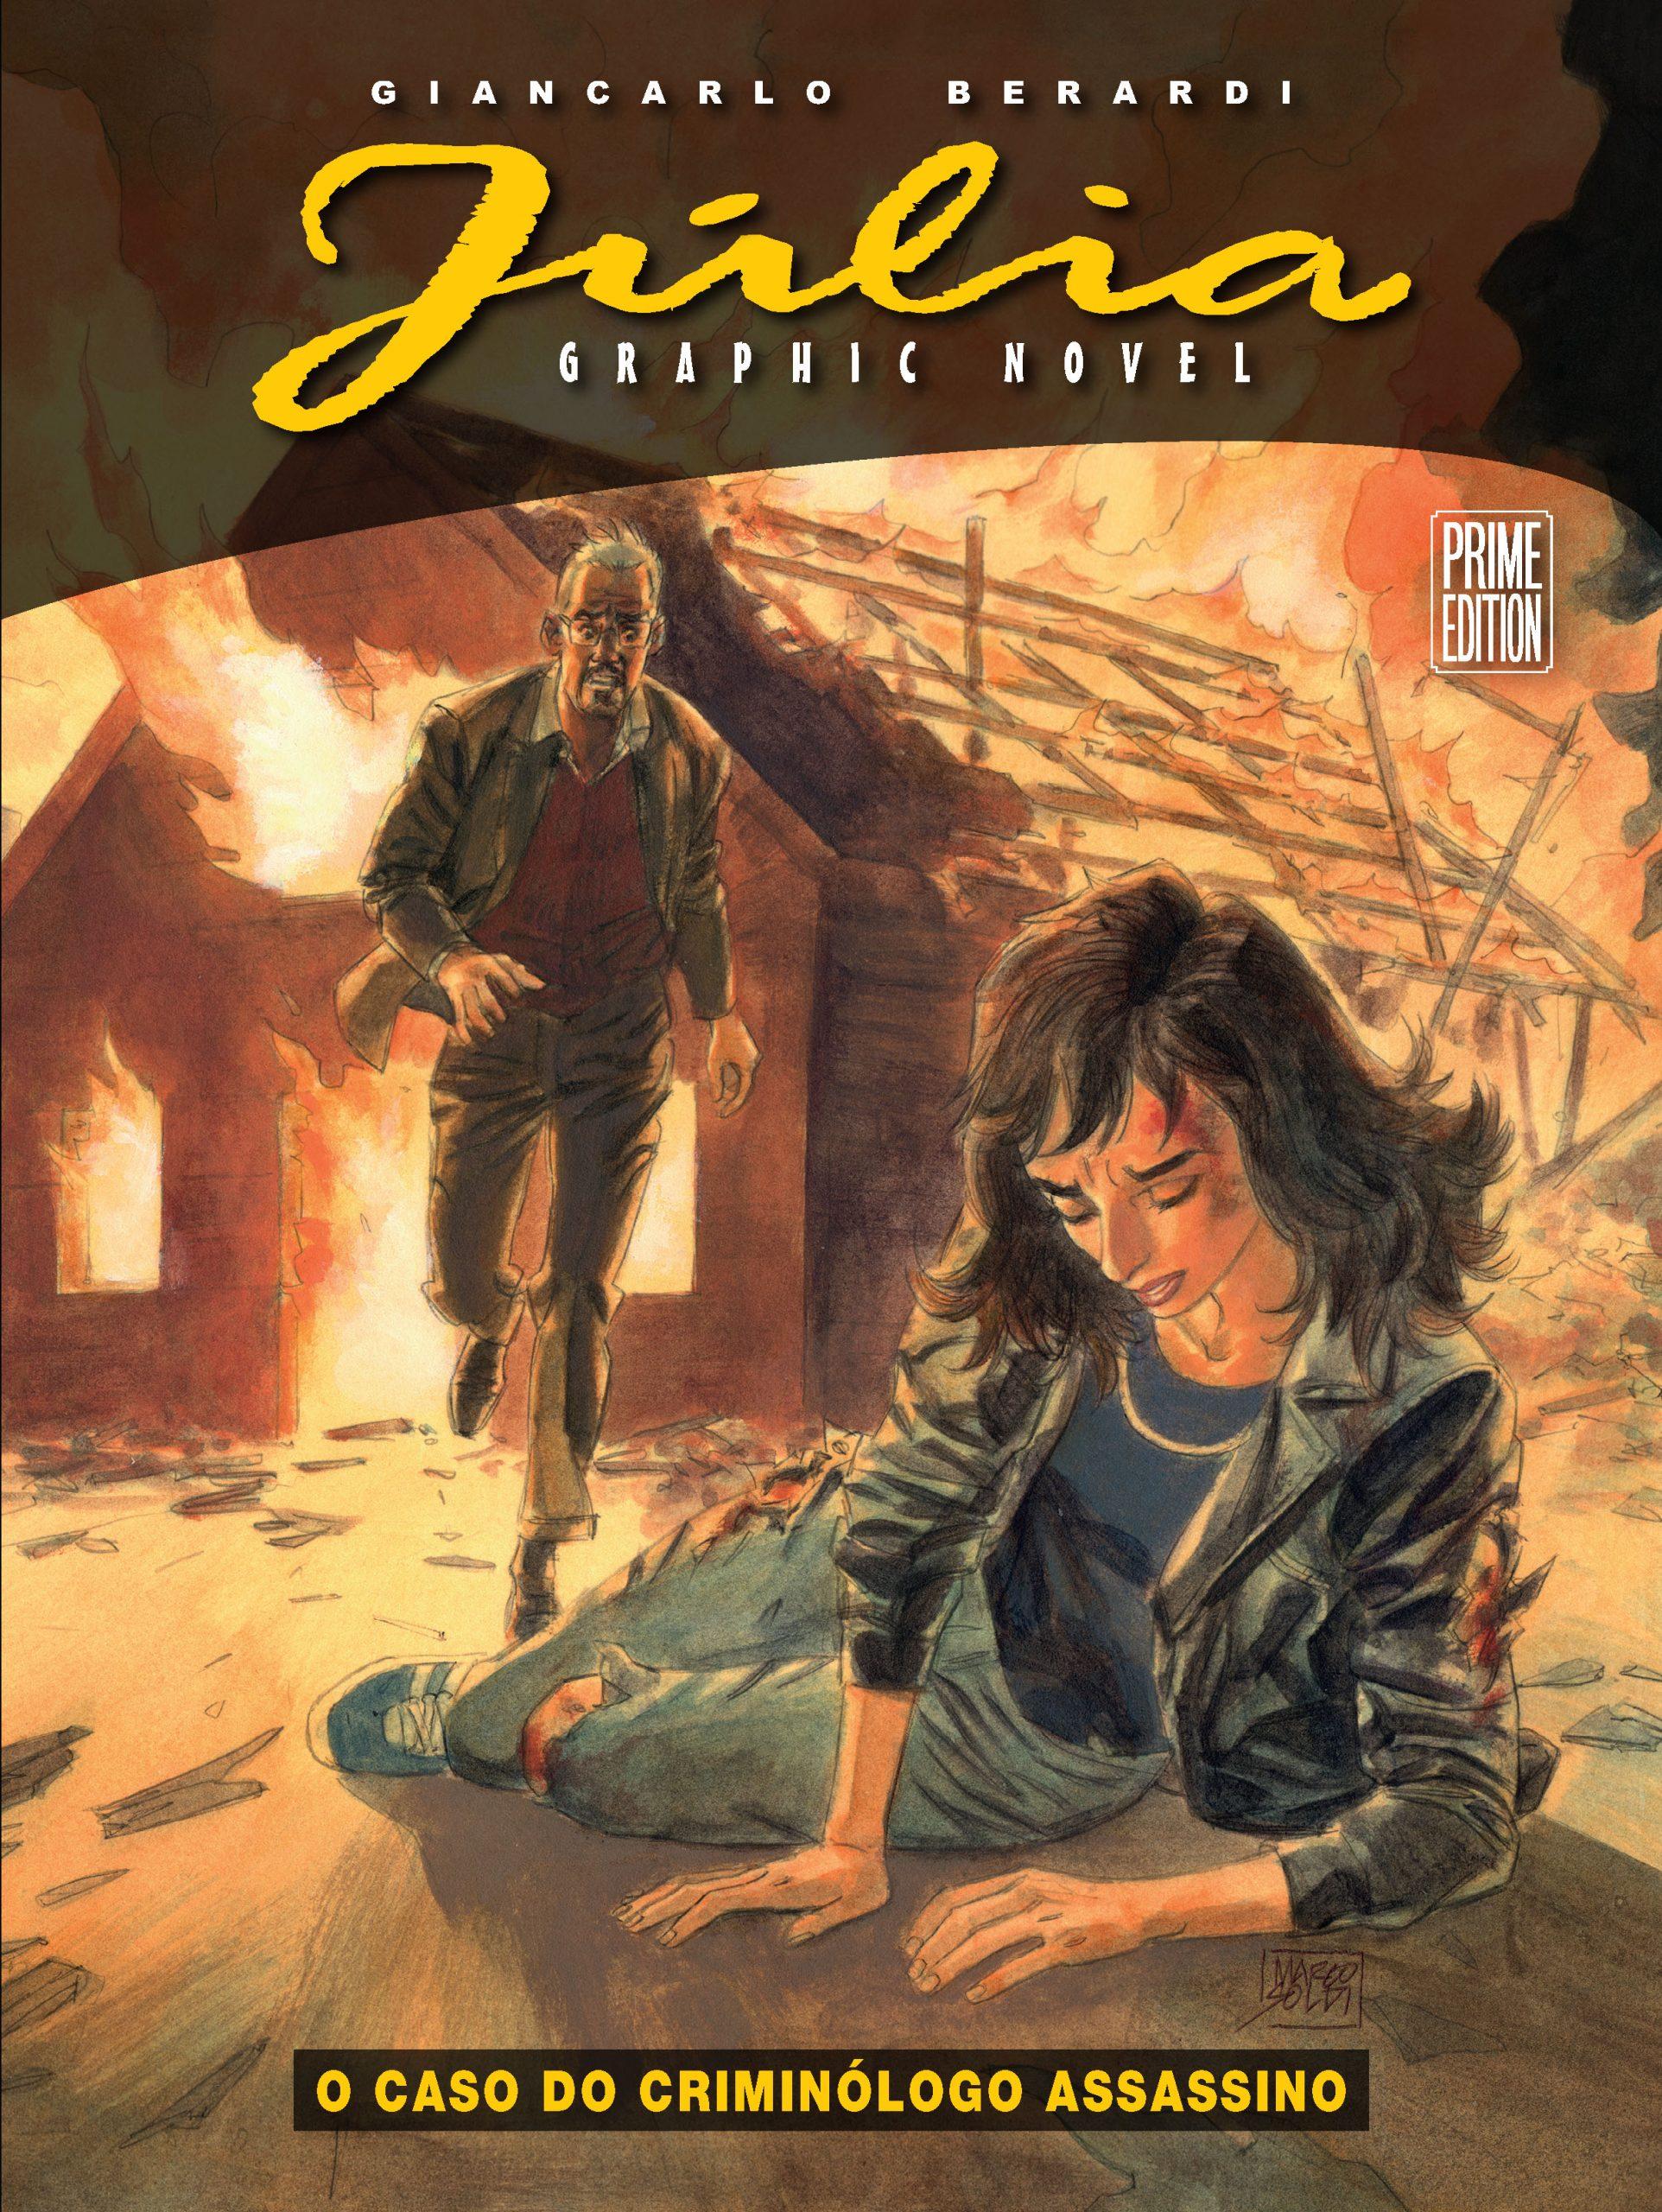 Resenha | Júlia Graphic Novel: O Caso do Criminólogo Assassino